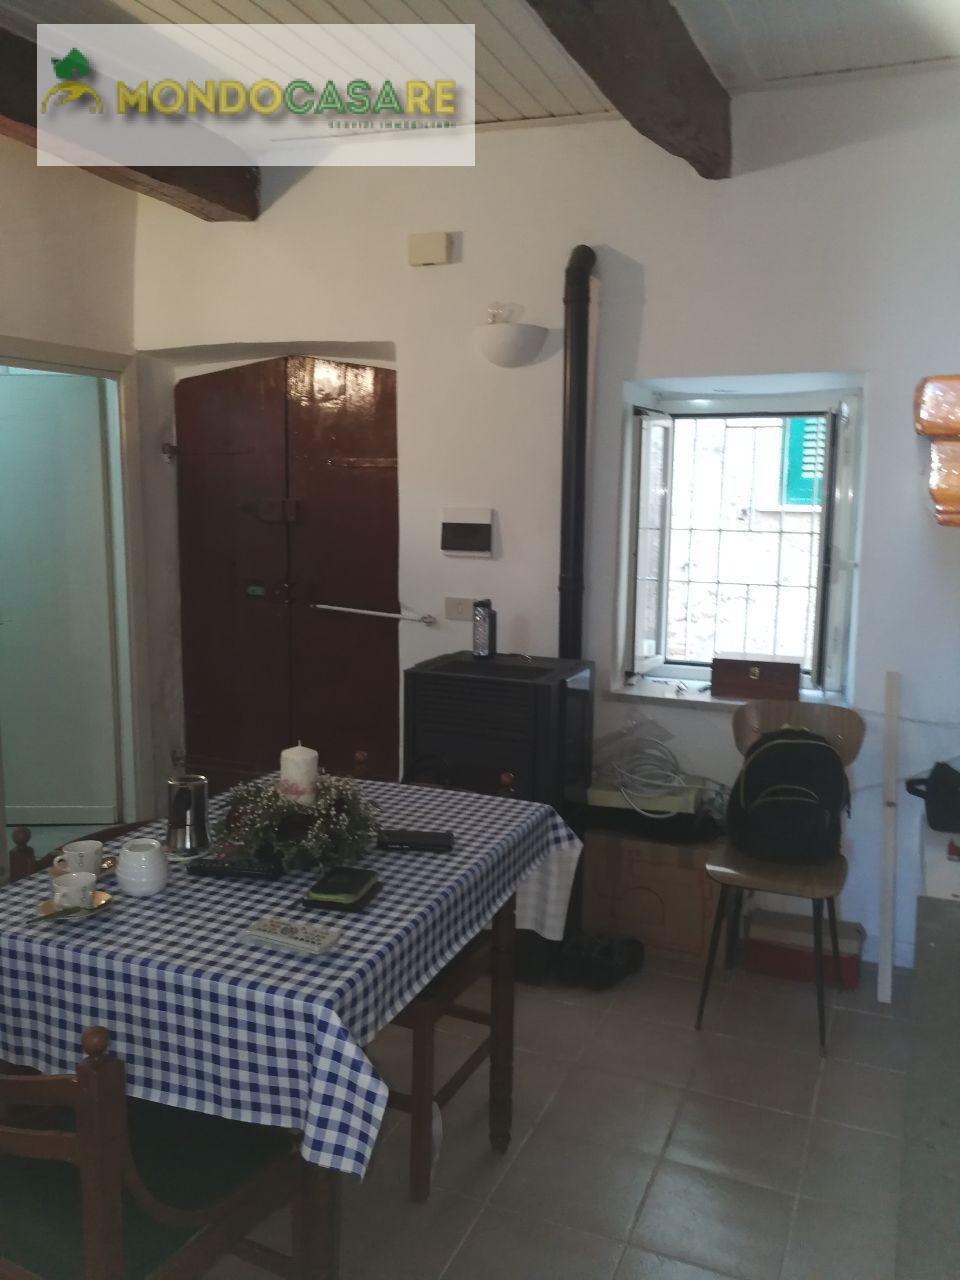 Appartamento in vendita a Palombara Sabina, 2 locali, prezzo € 29.000   CambioCasa.it